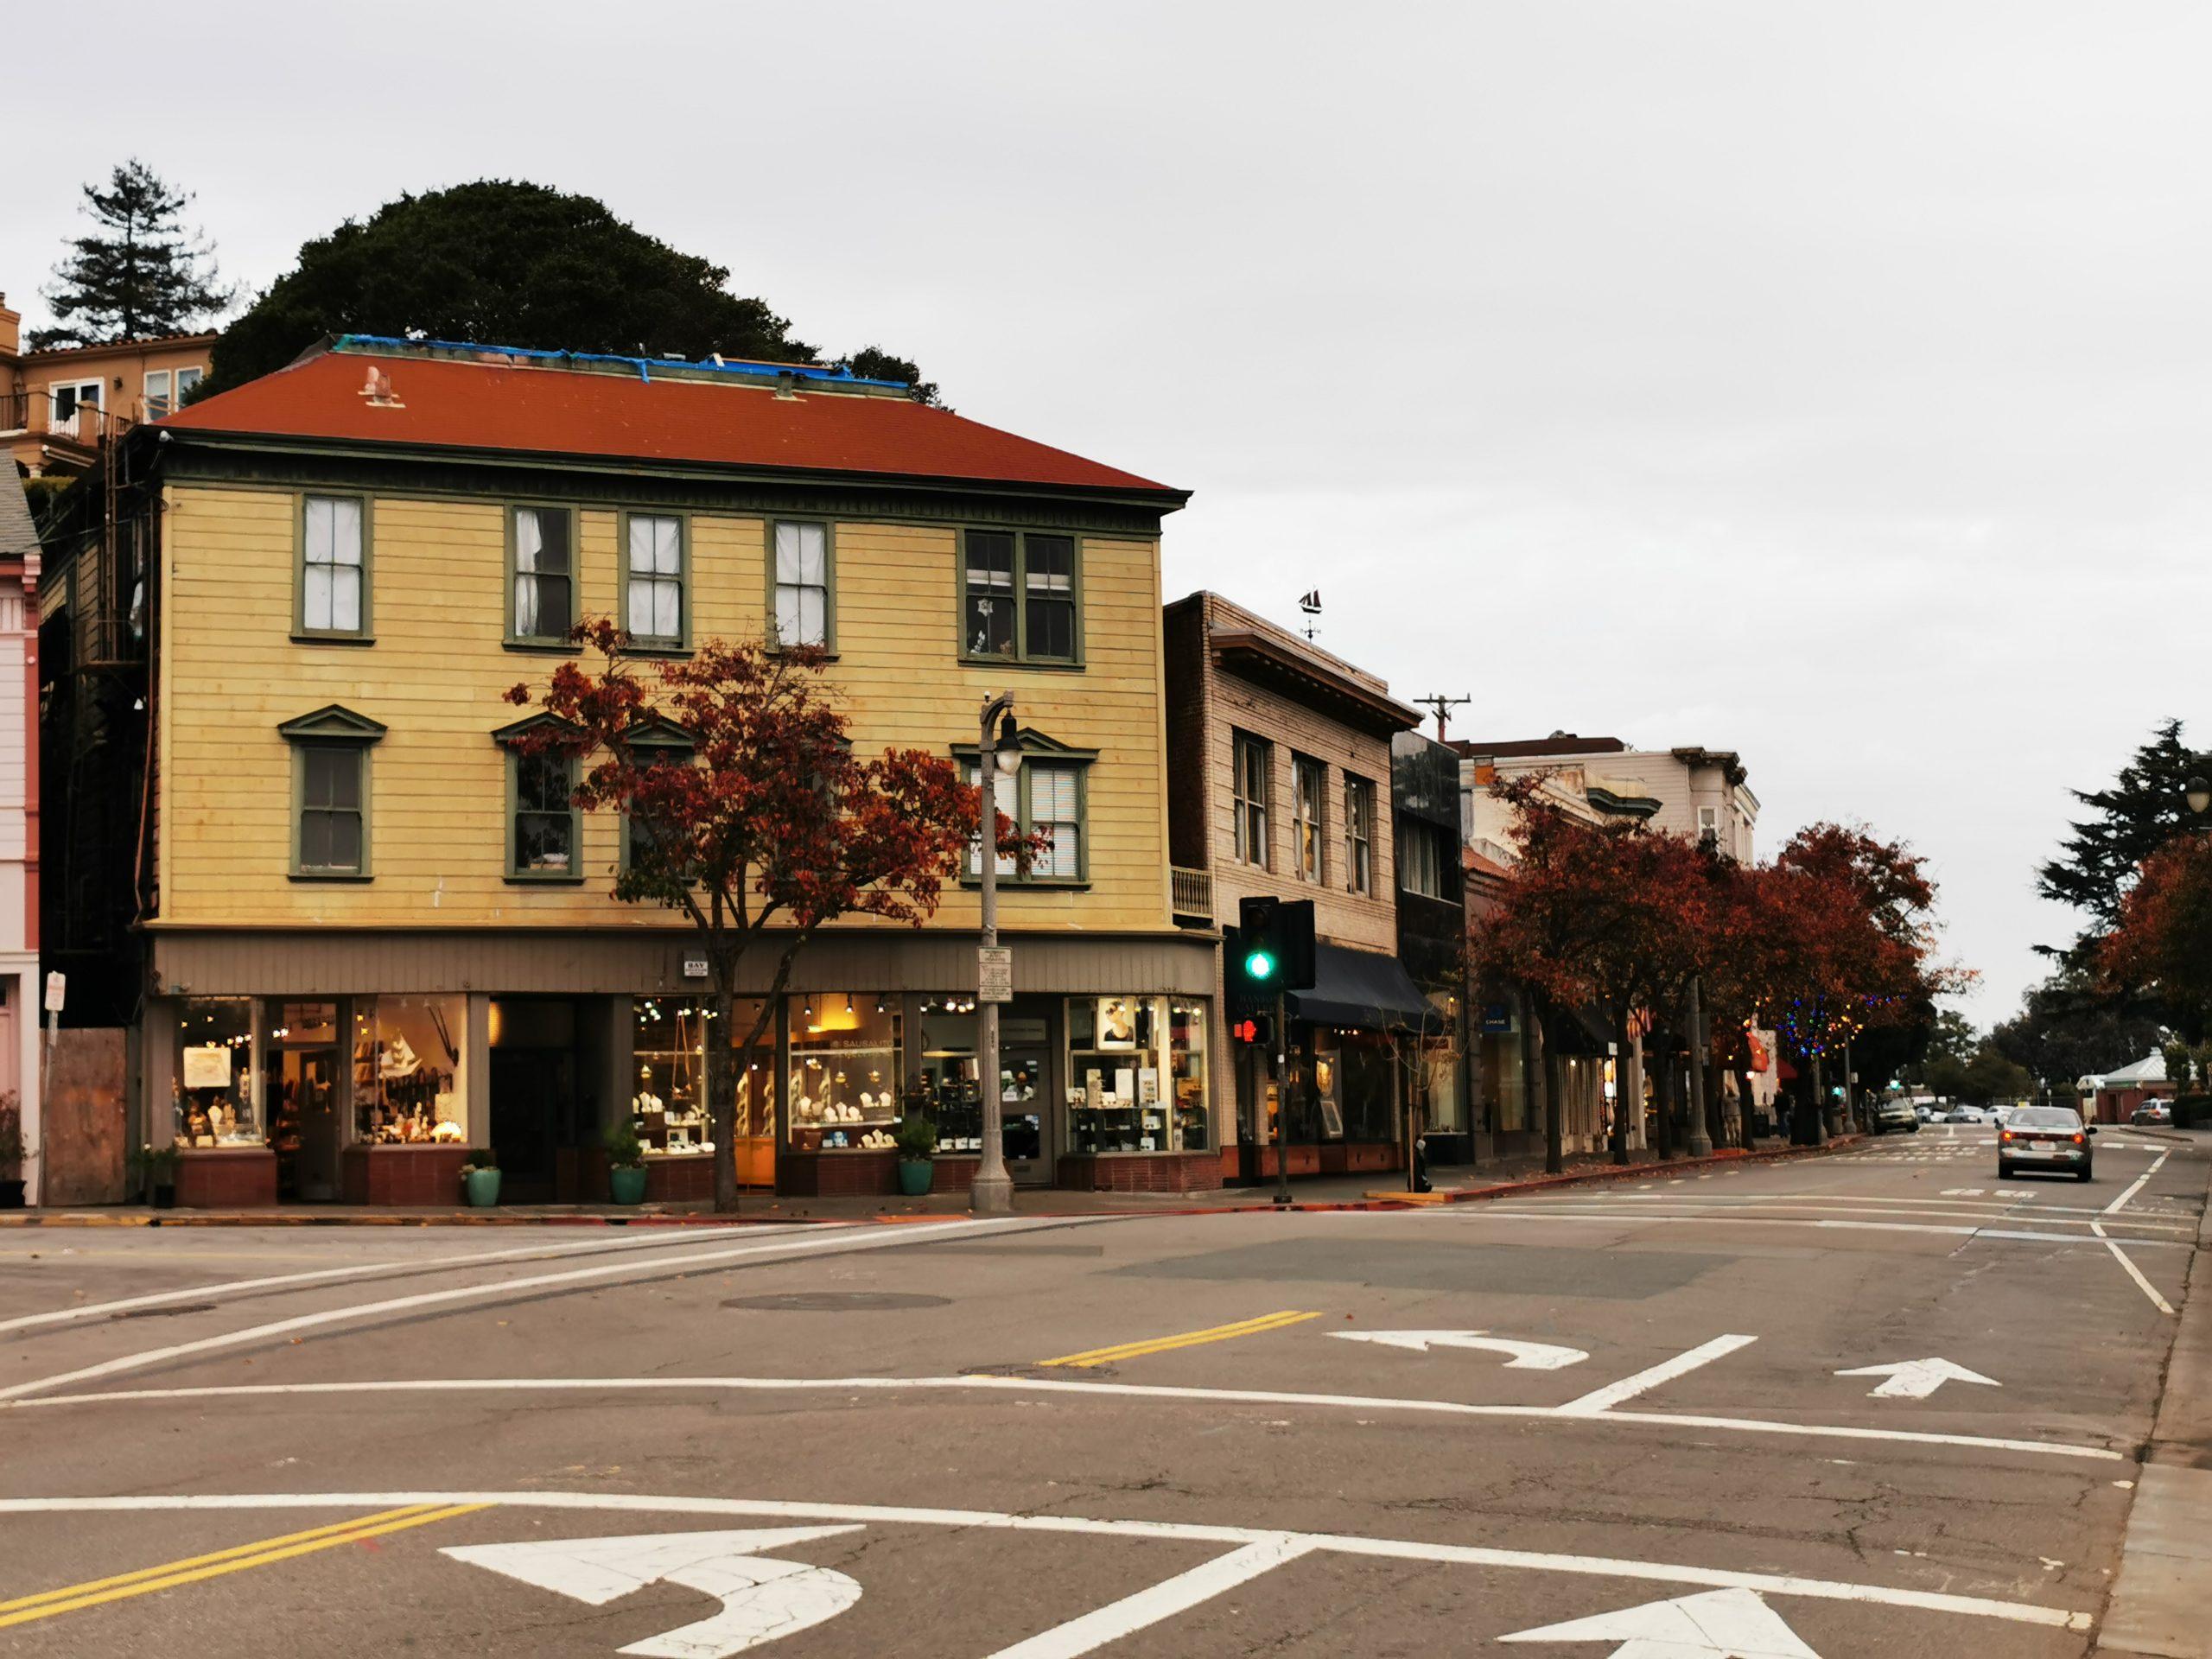 Sausalito, California